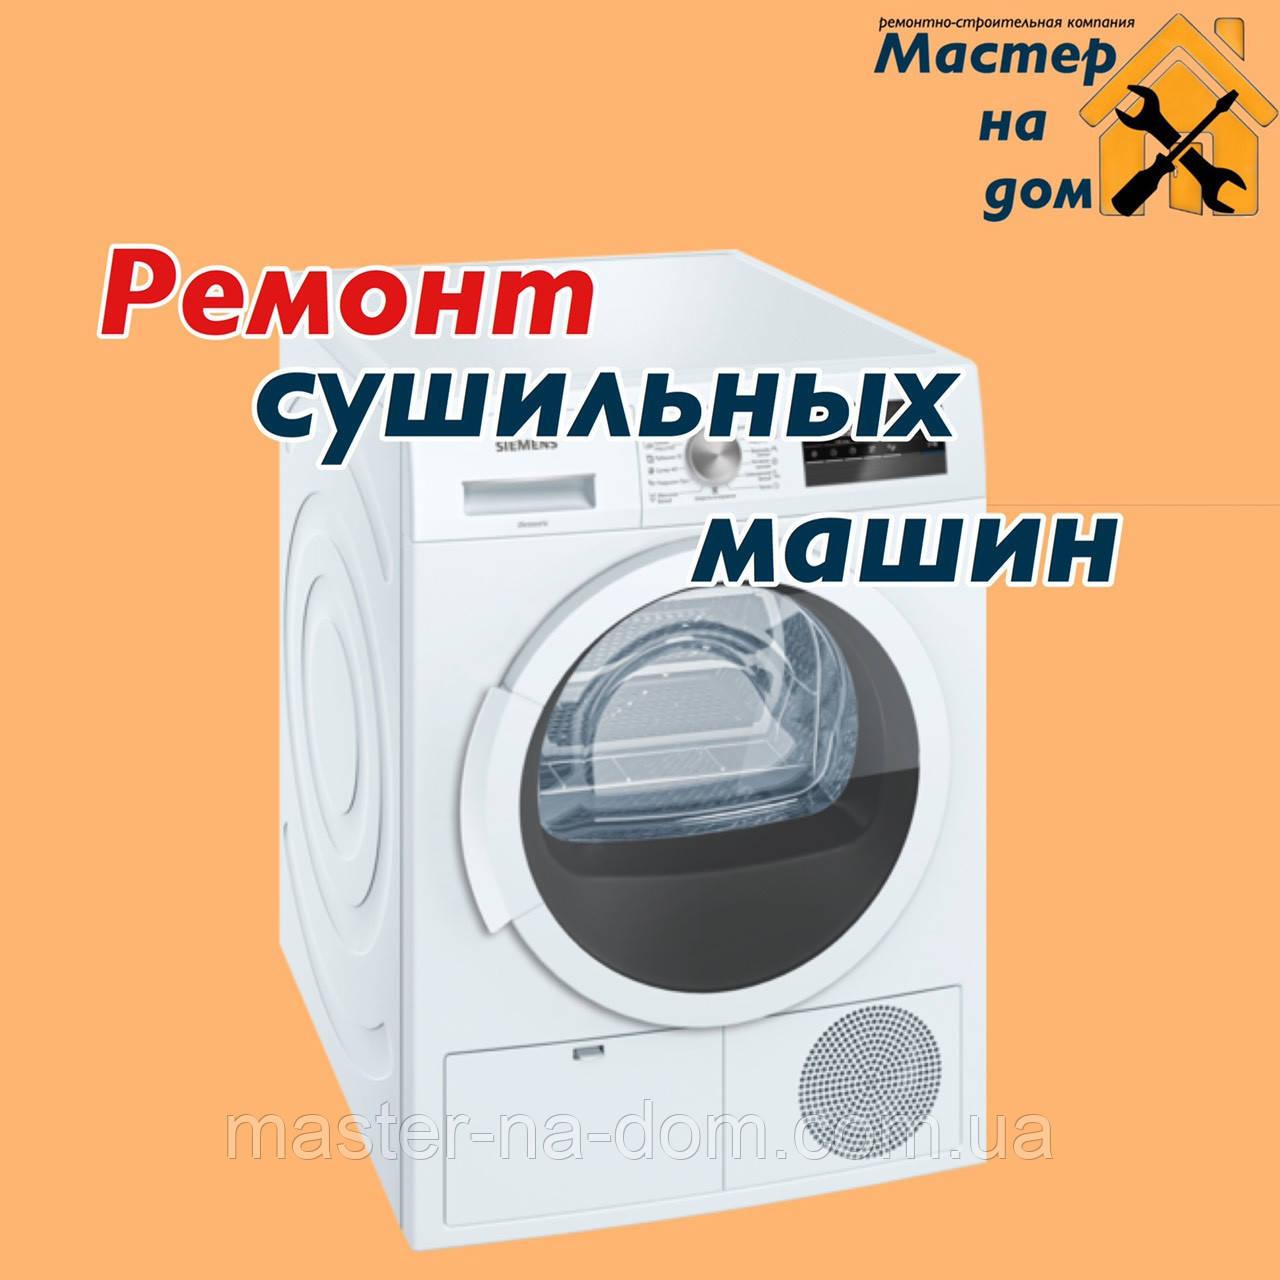 Ремонт сушильных машин в Одессе